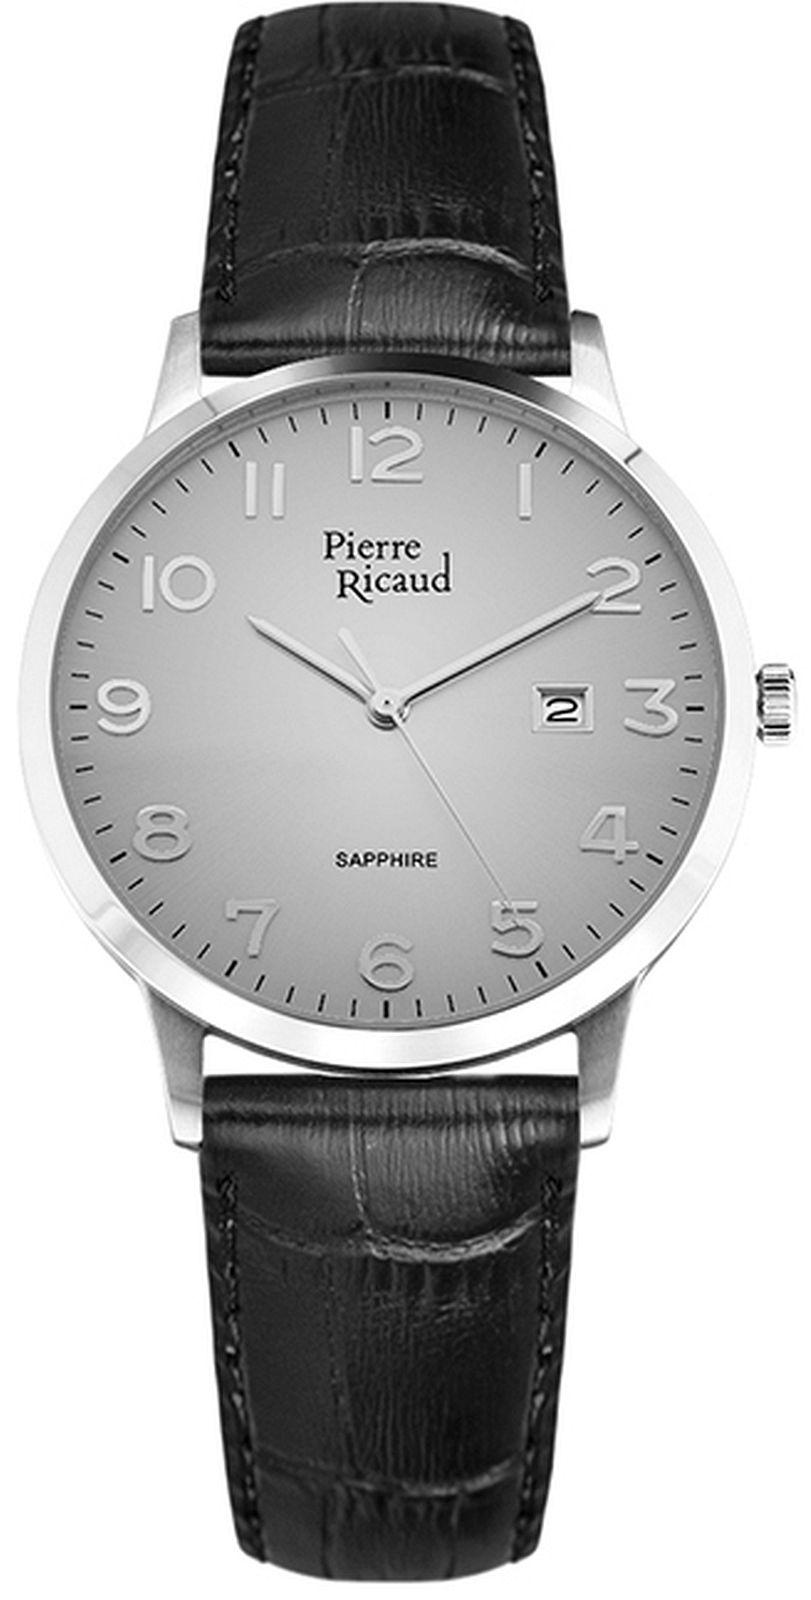 Pierre Ricaud P91022.5227Q > Wysyłka tego samego dnia Grawer 0zł Darmowa dostawa Kurierem/Inpost Darmowy zwrot przez 100 DNI